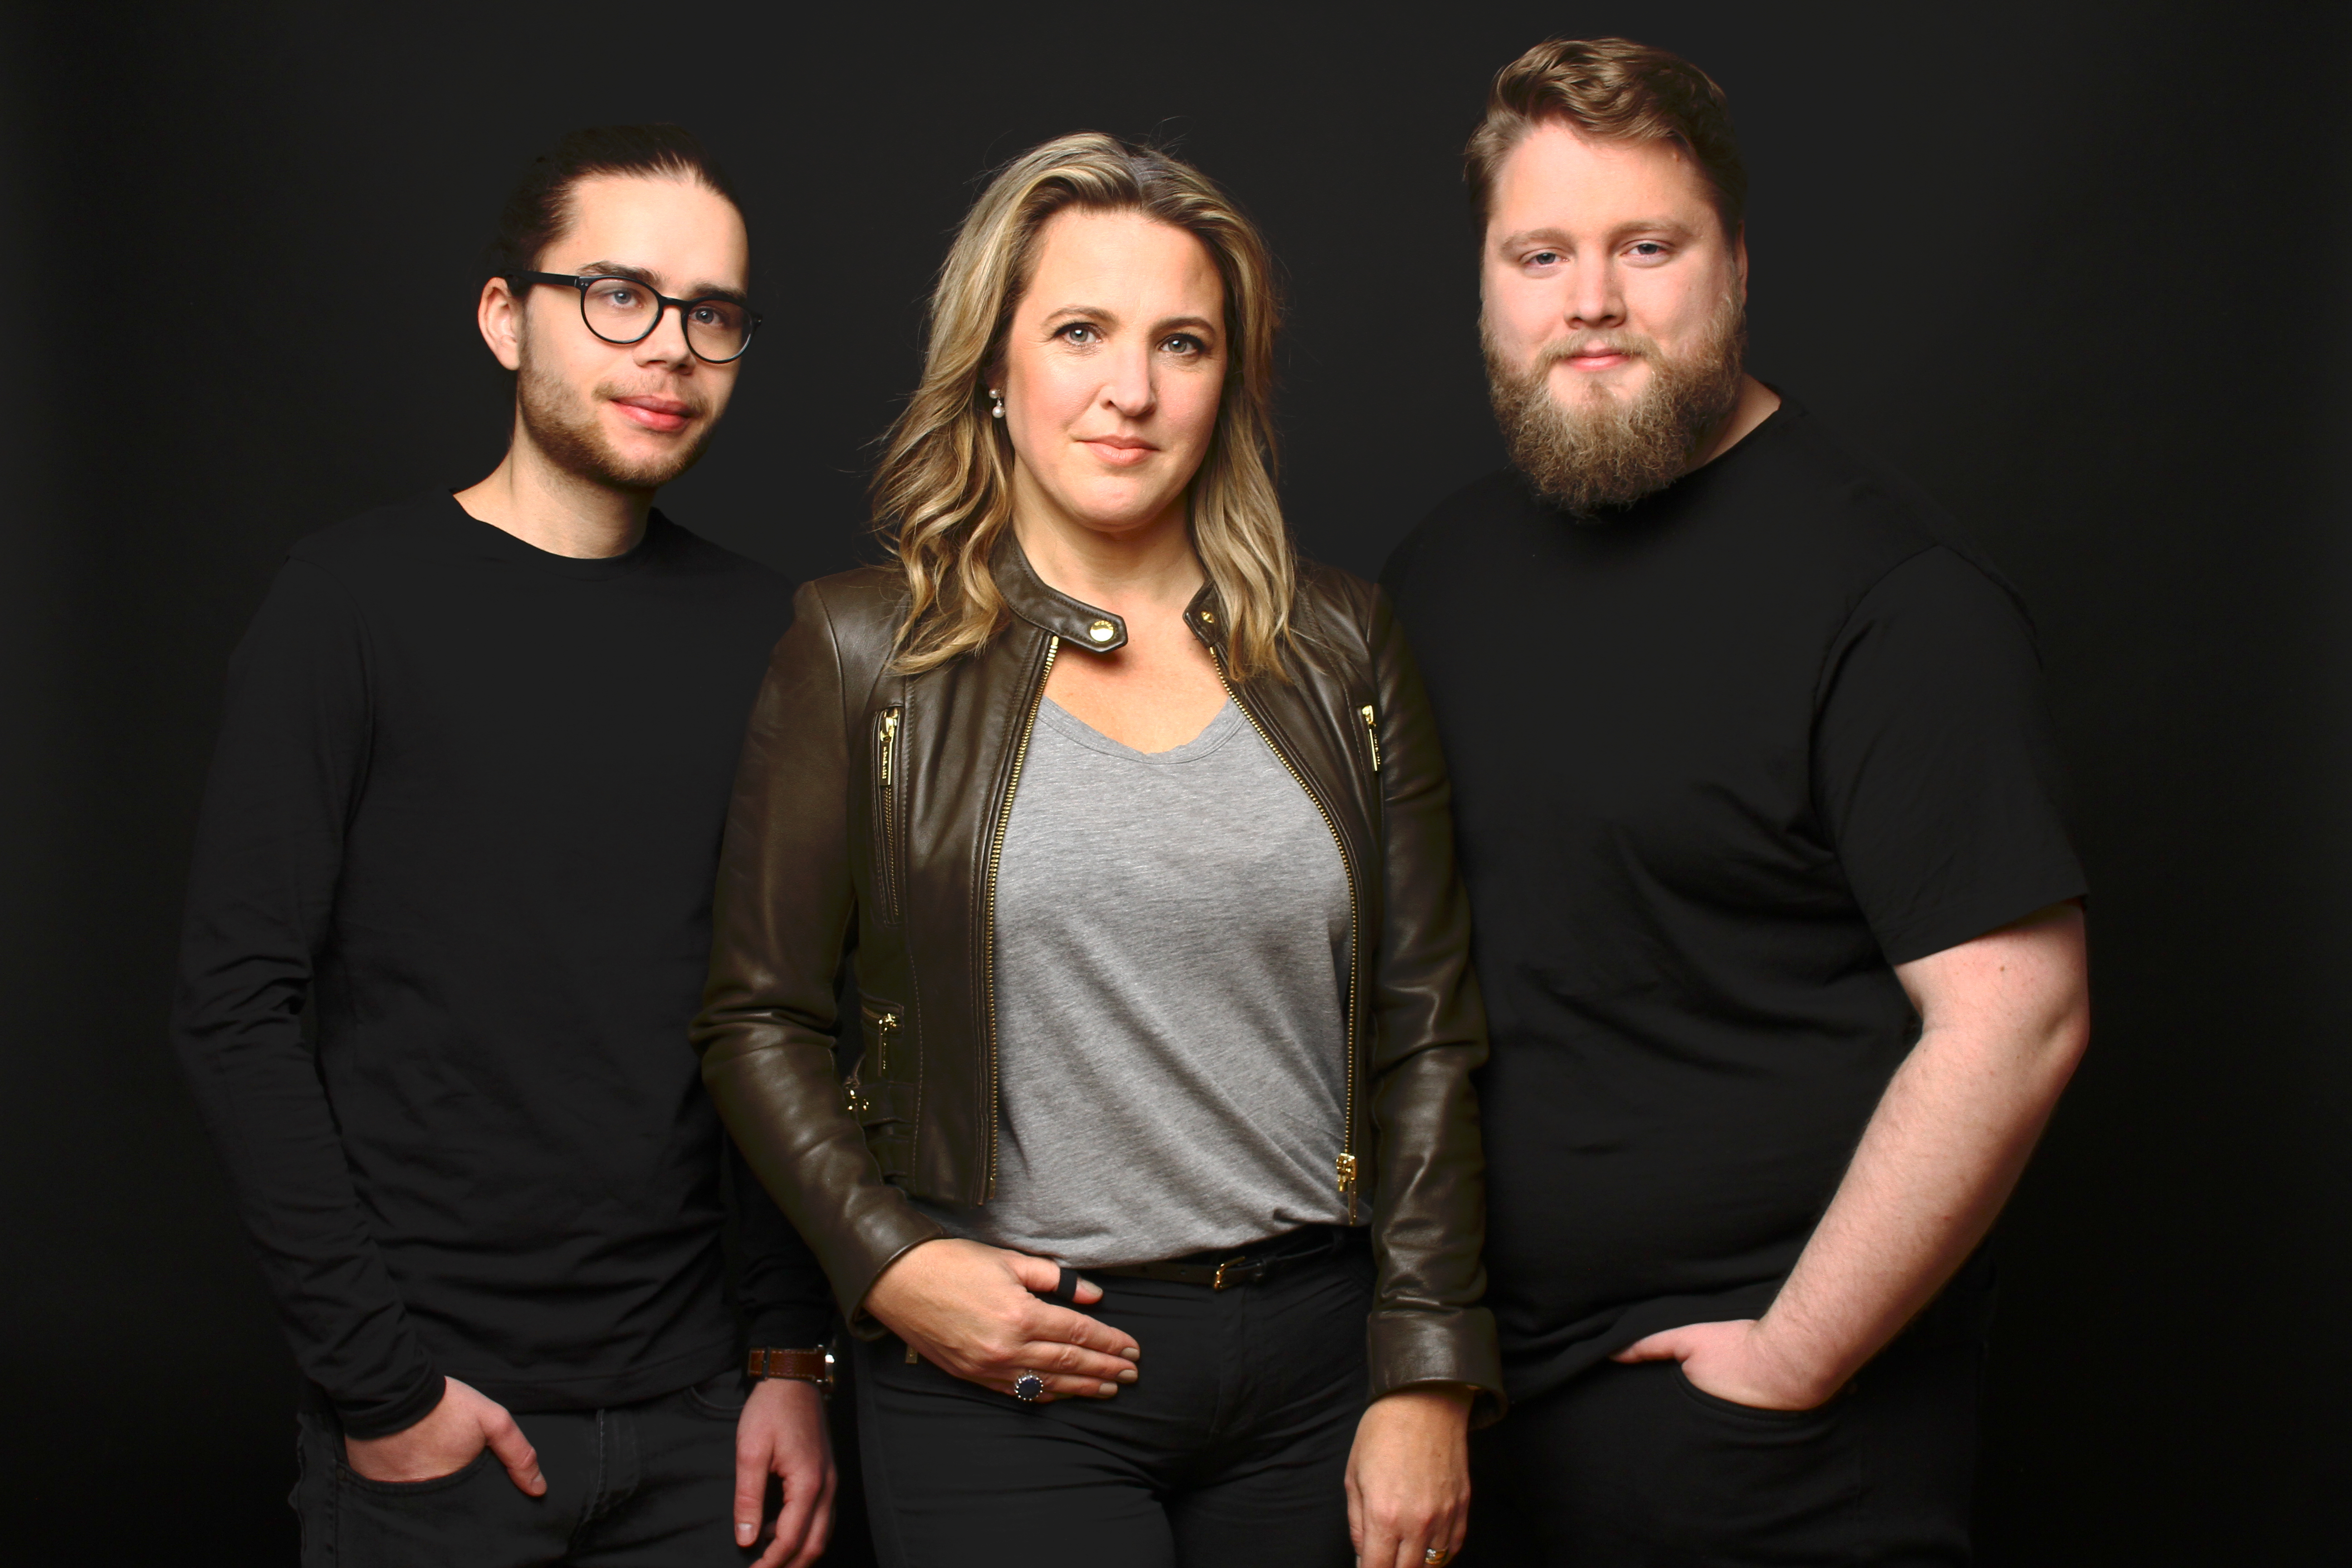 En gruppbild tagen på Andreas Jönsson, Daniel Karlsson och Linda von Beetzen